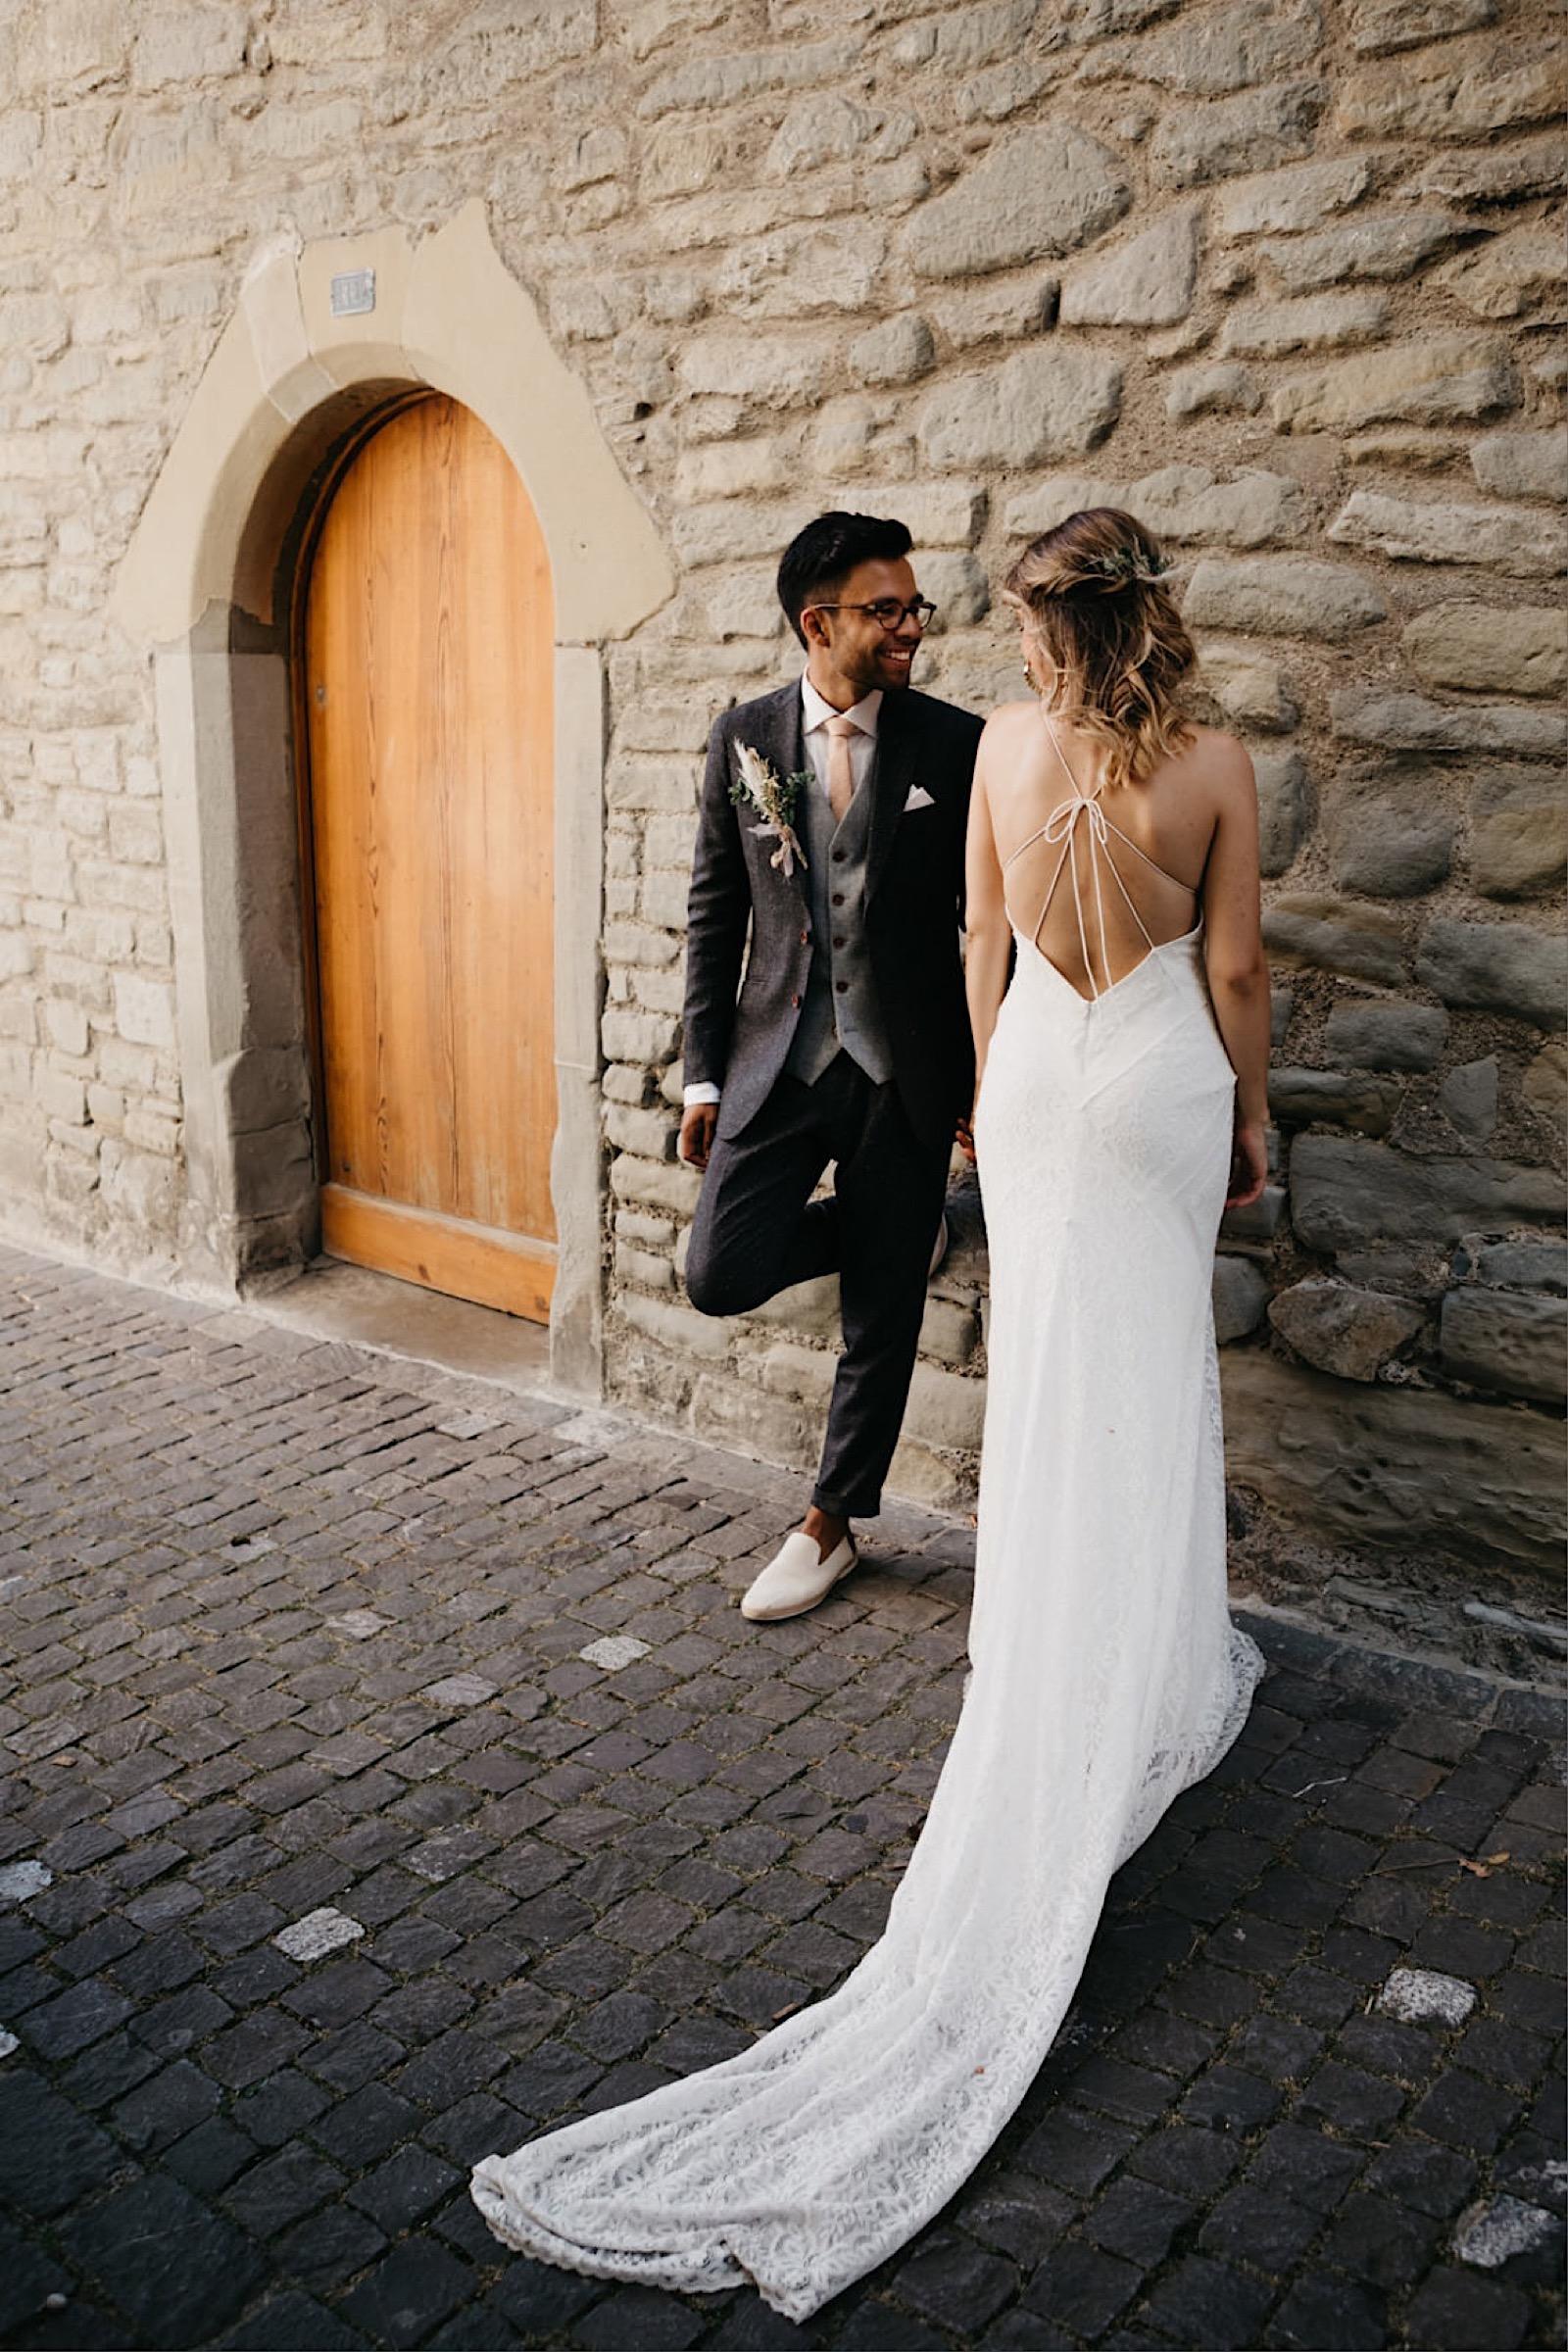 10_bohowedding_afterweddingshoot_elopement_switzerland (34 von 55).jpg